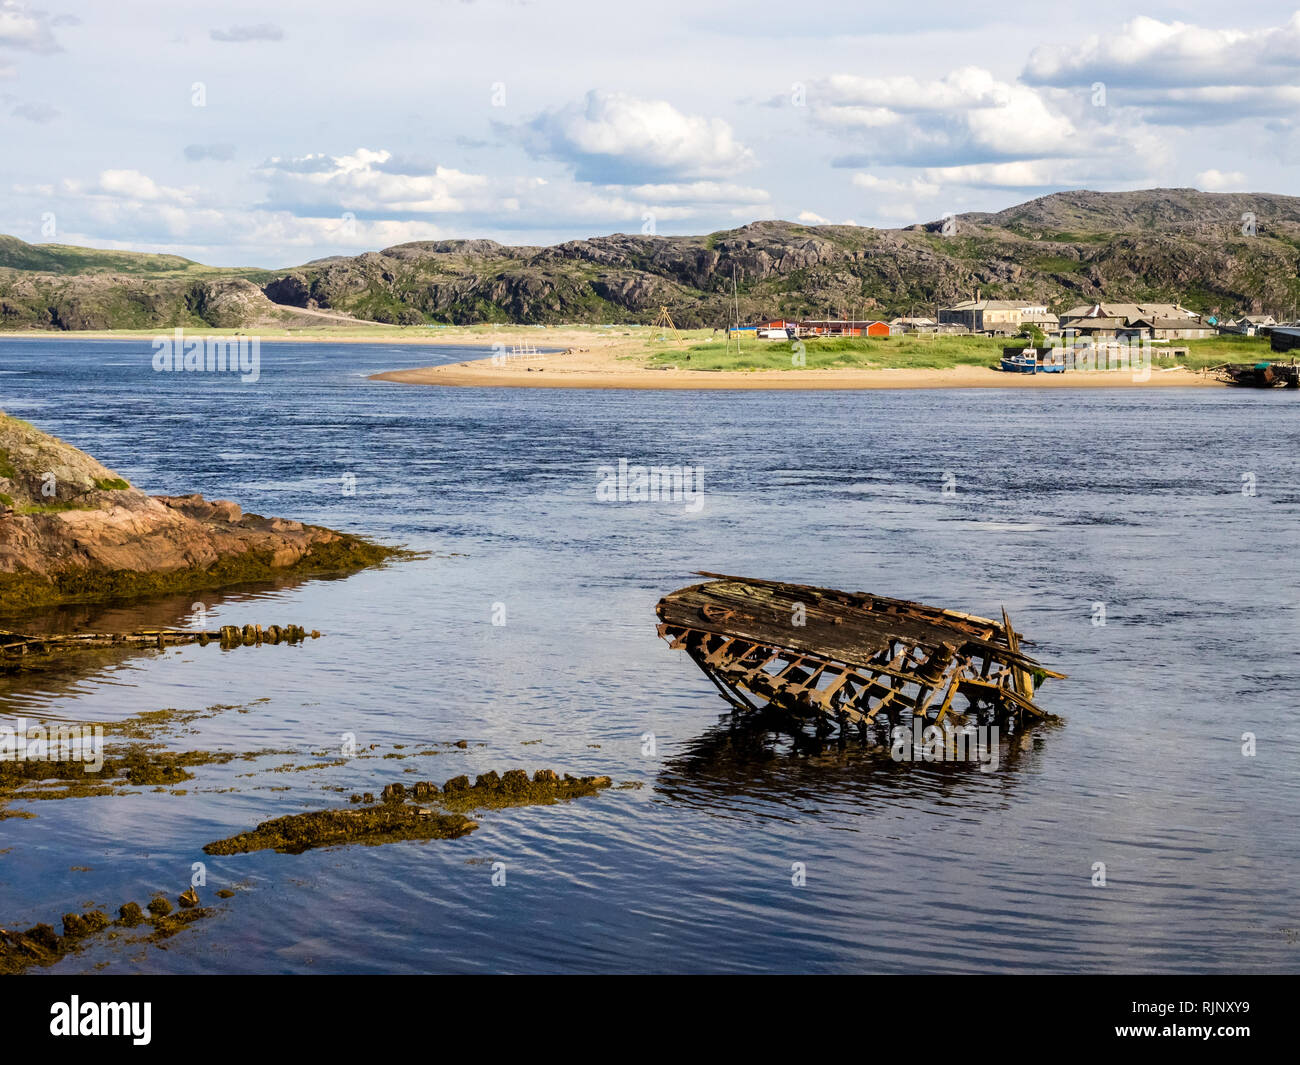 Sunken old wooden fishing boat in Teriberka, Murmansk Oblast, Russia - Stock Image